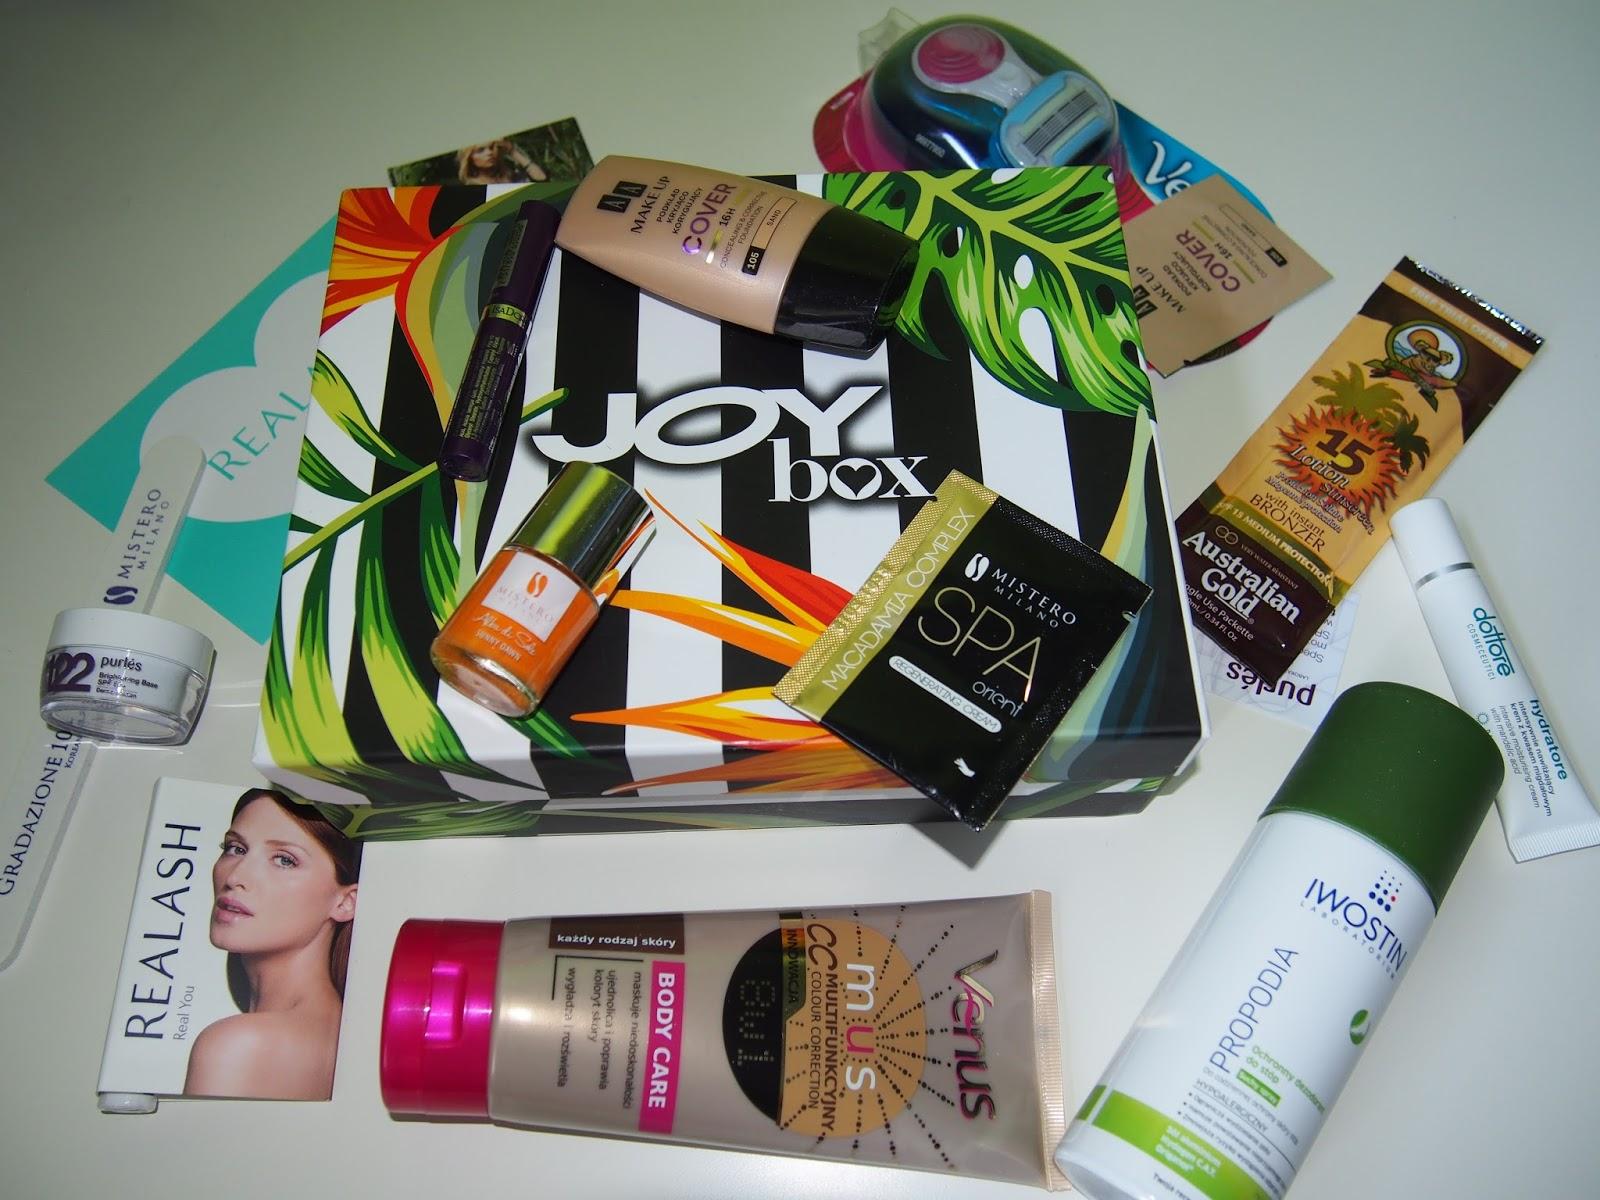 Joybox - wakacyjne pudelko pelne kosmetykow